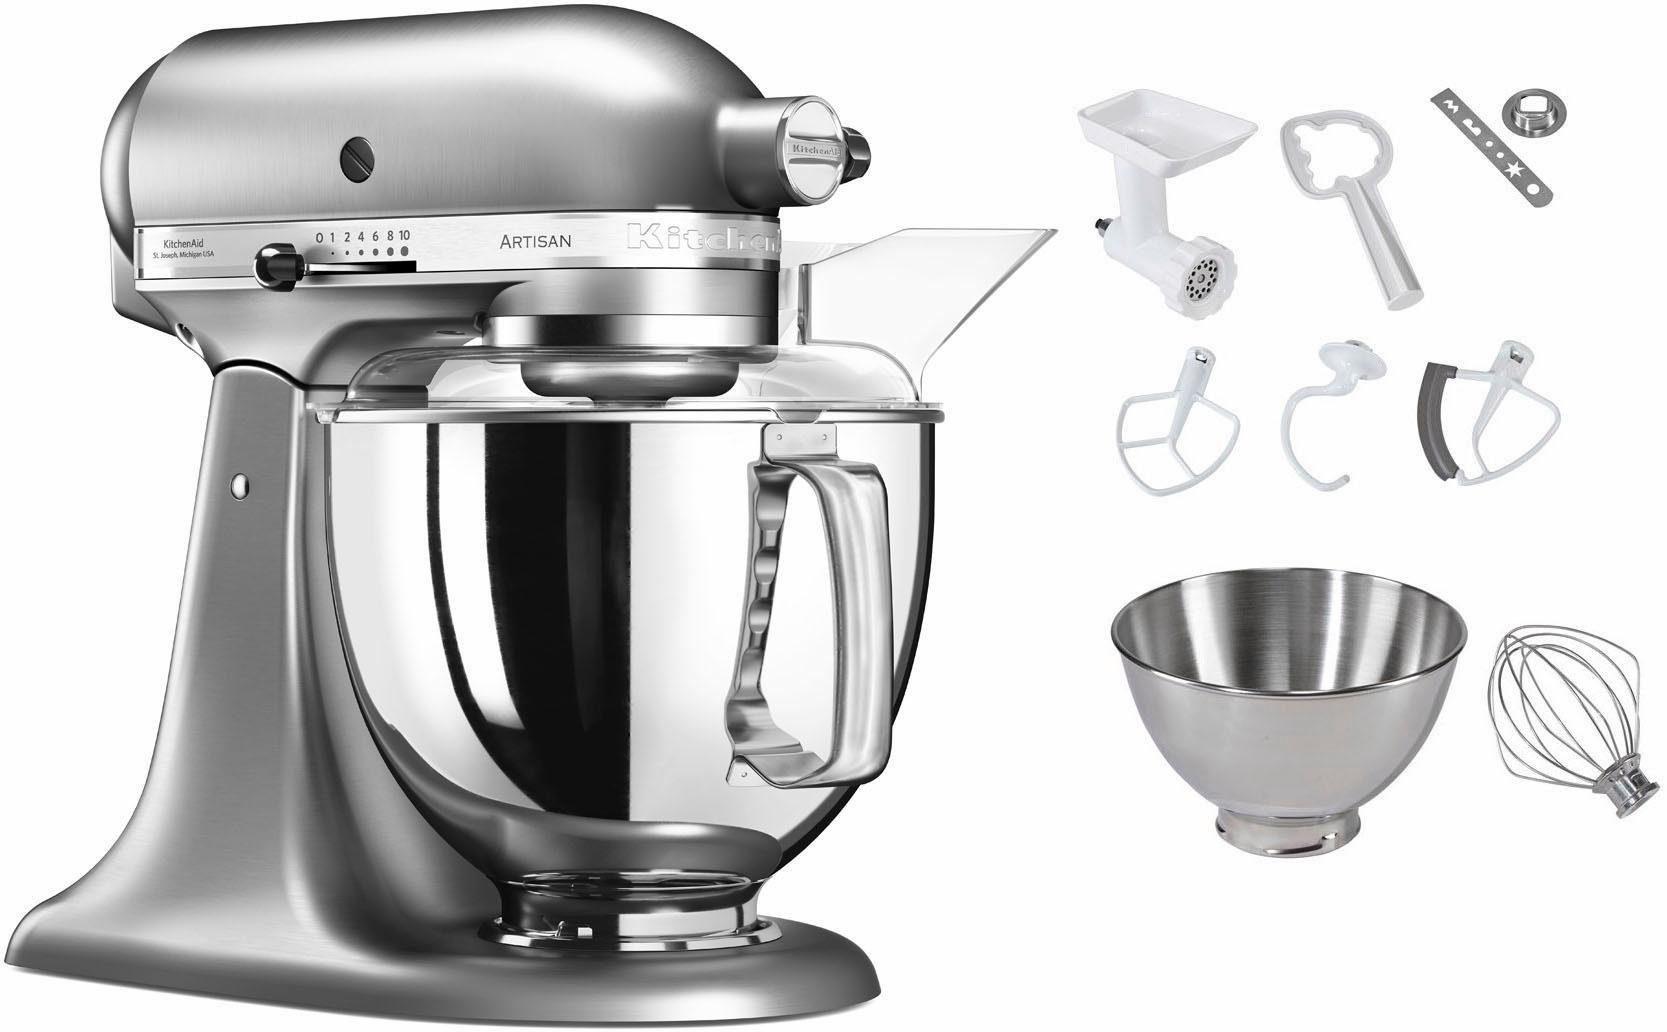 KitchenAid Küchenmaschine 5KSM175SENK Artisan, 300 W, 4,83 l Schüssel, inkl. Sonderzubehör im Wert von ca. 112,-€ UVP